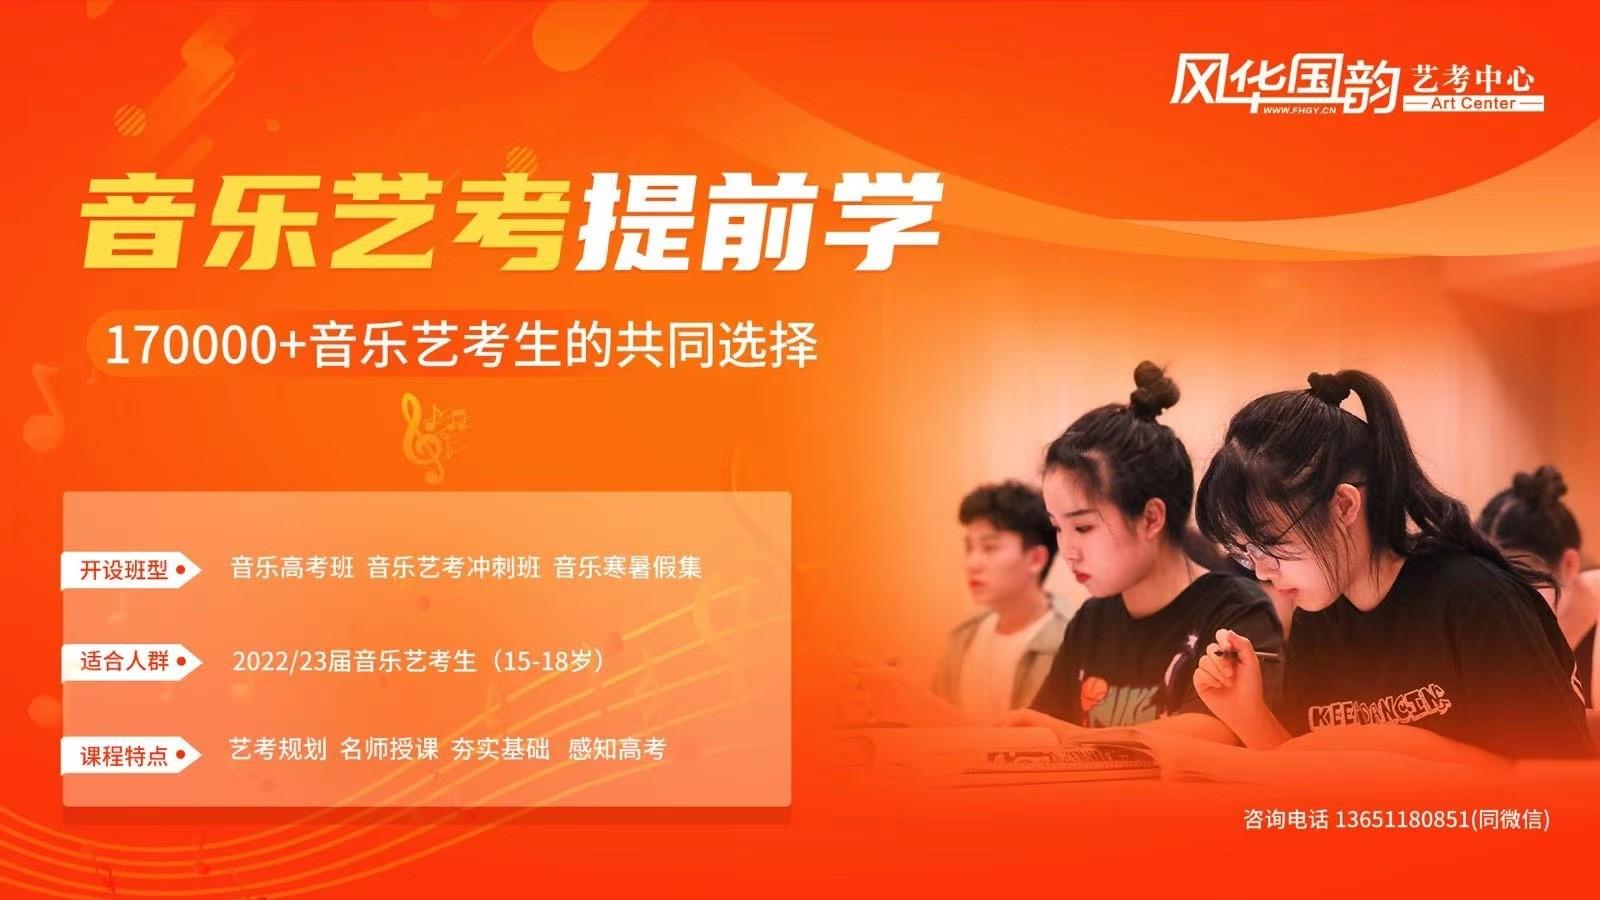 温州广东11选5走势图机构 (温州广东11选5走势图哪里好)